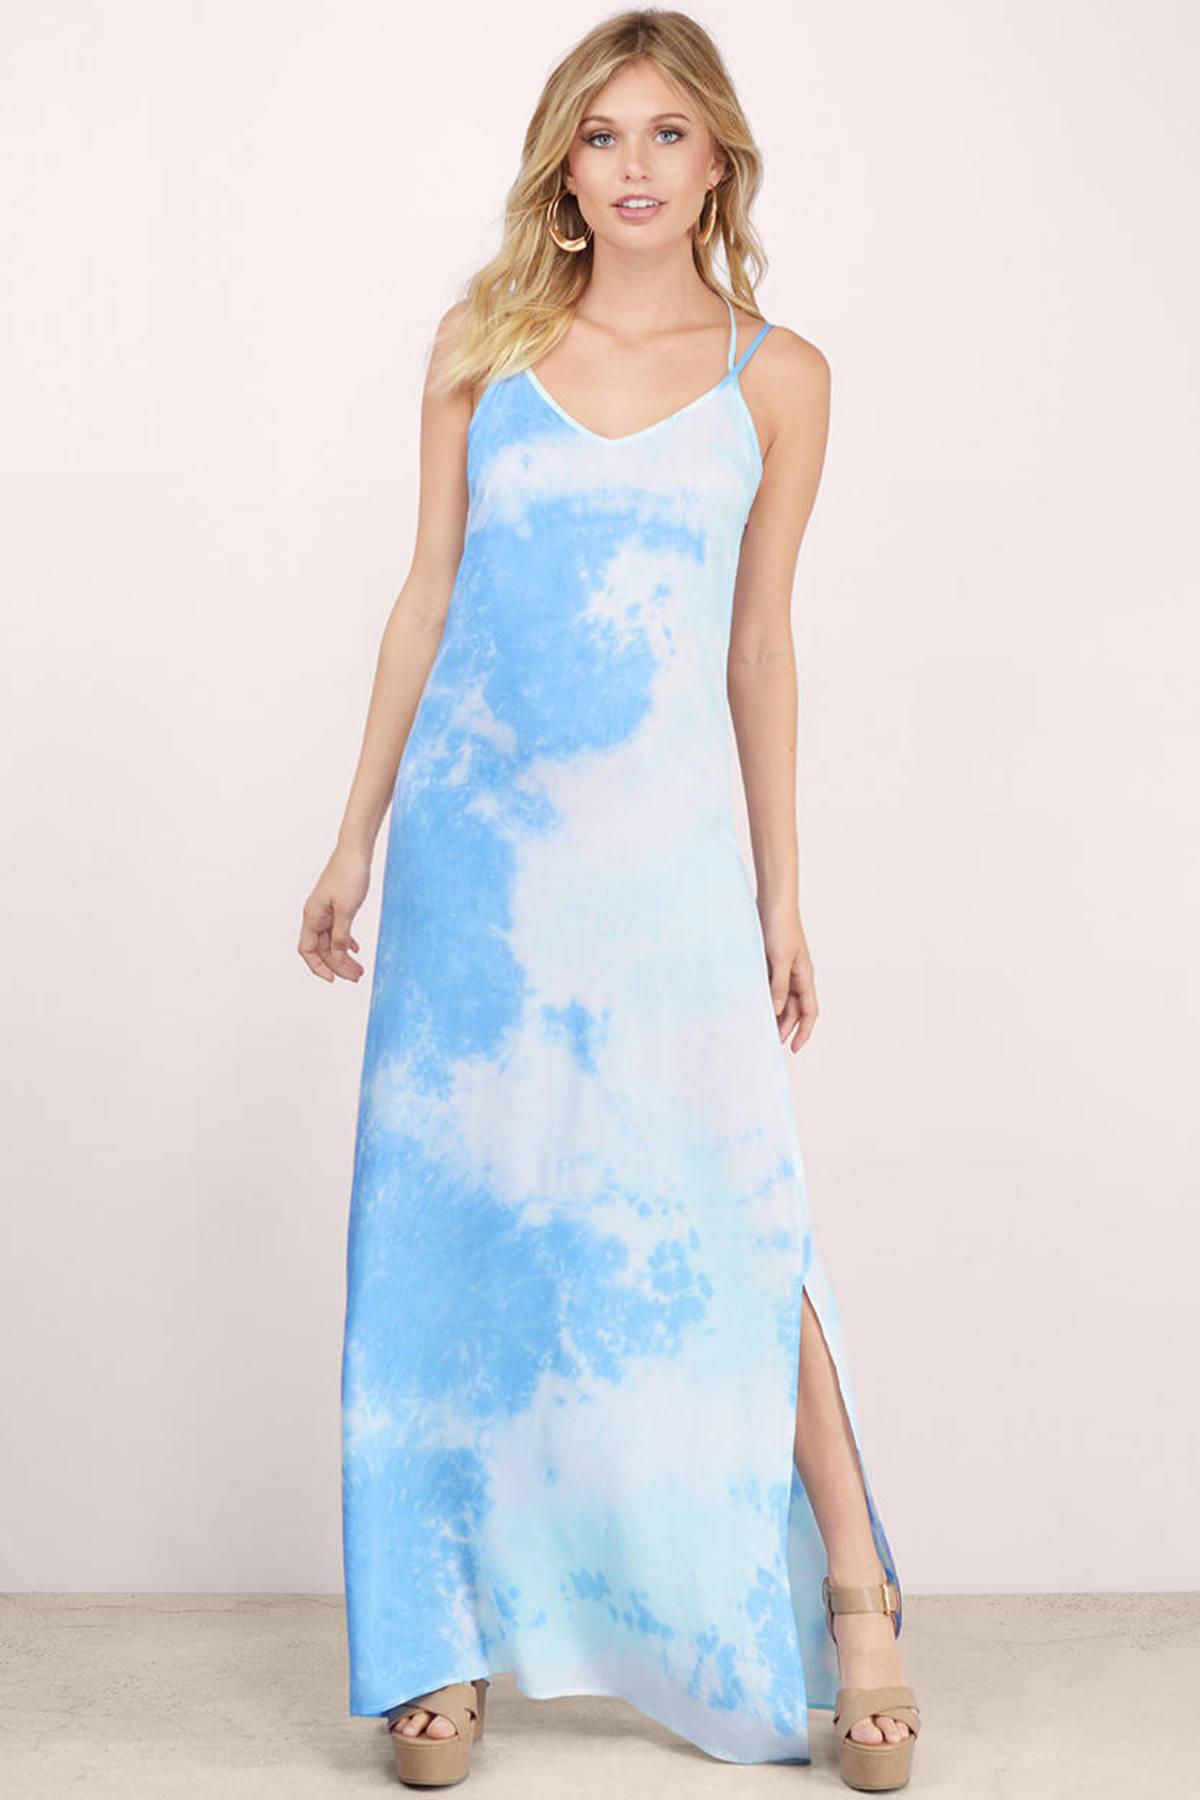 Beach Maxi Dresses | Shop Beach Maxi Dresses at Tobi